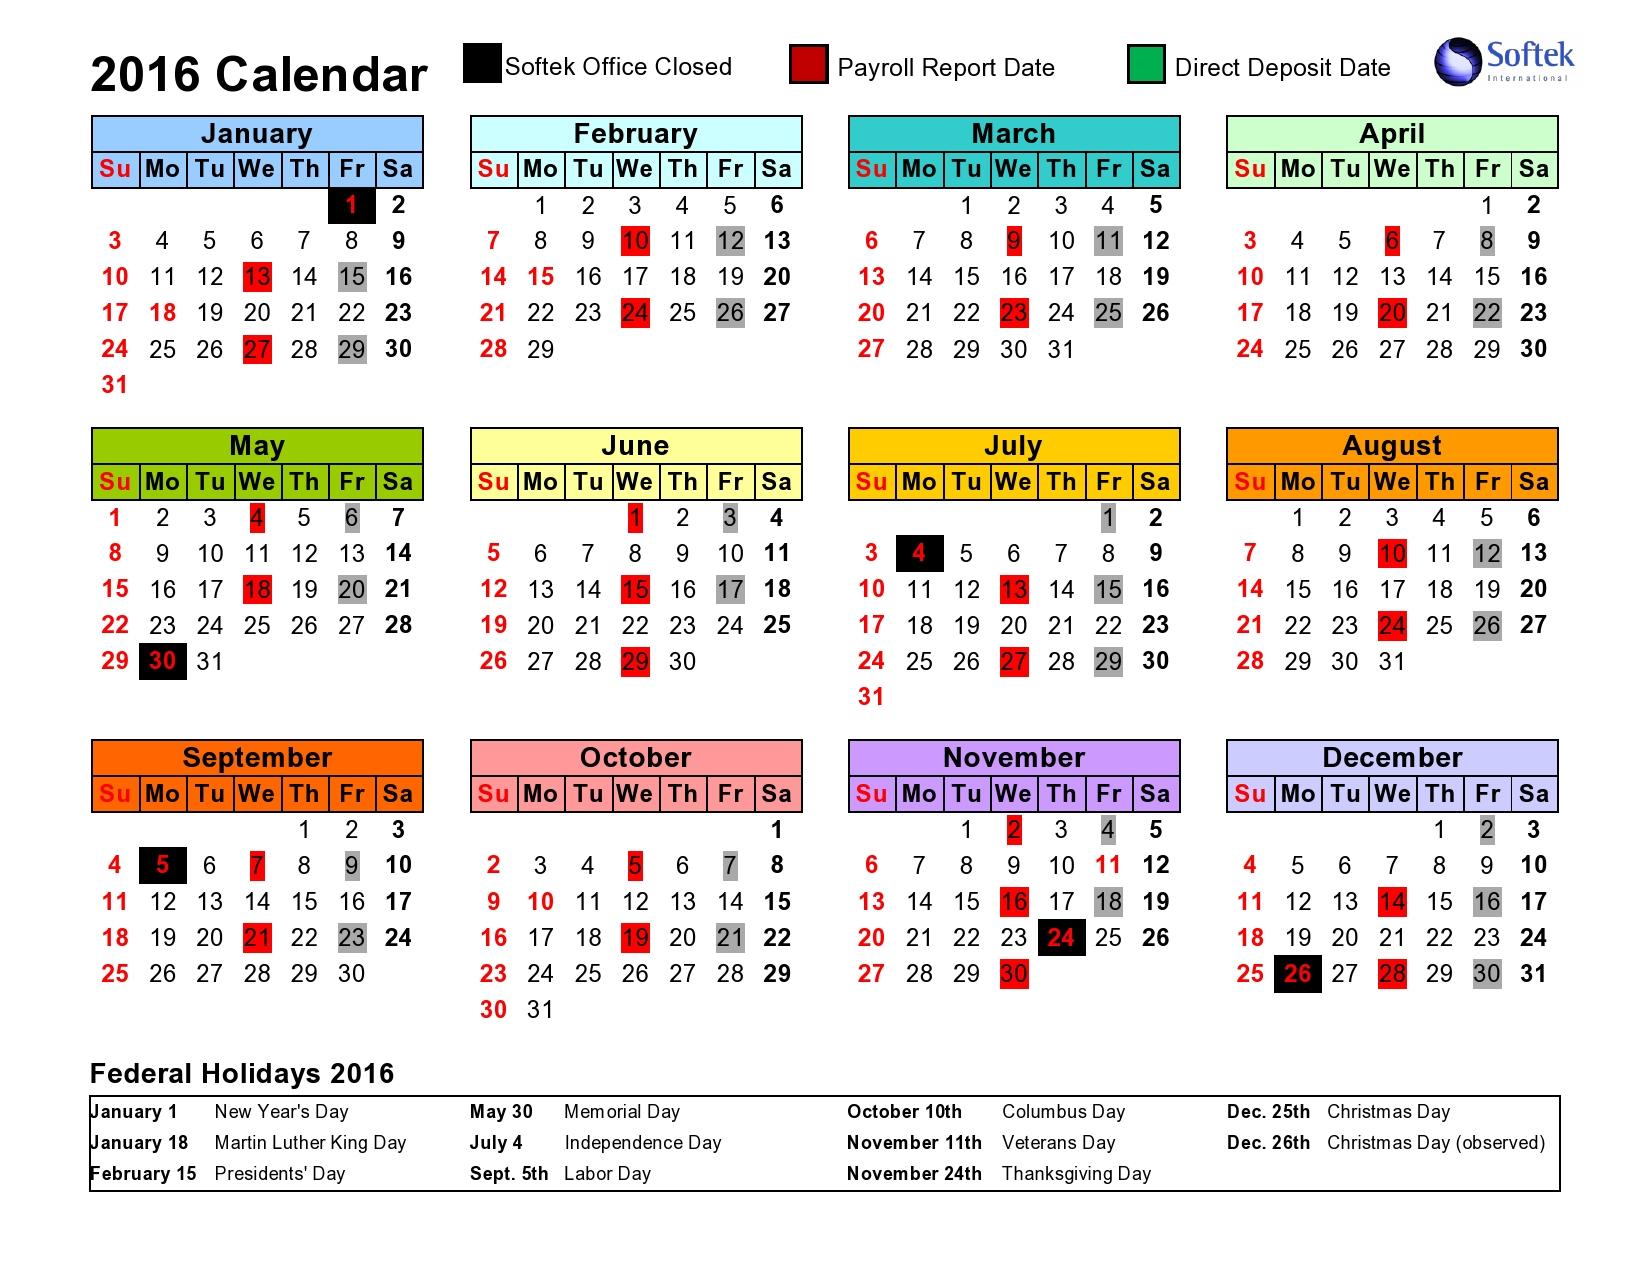 Intuit Payroll Holiday Calendar 2020 | Payroll Calendar 2020 Within Federal Payroll Calendar 2020